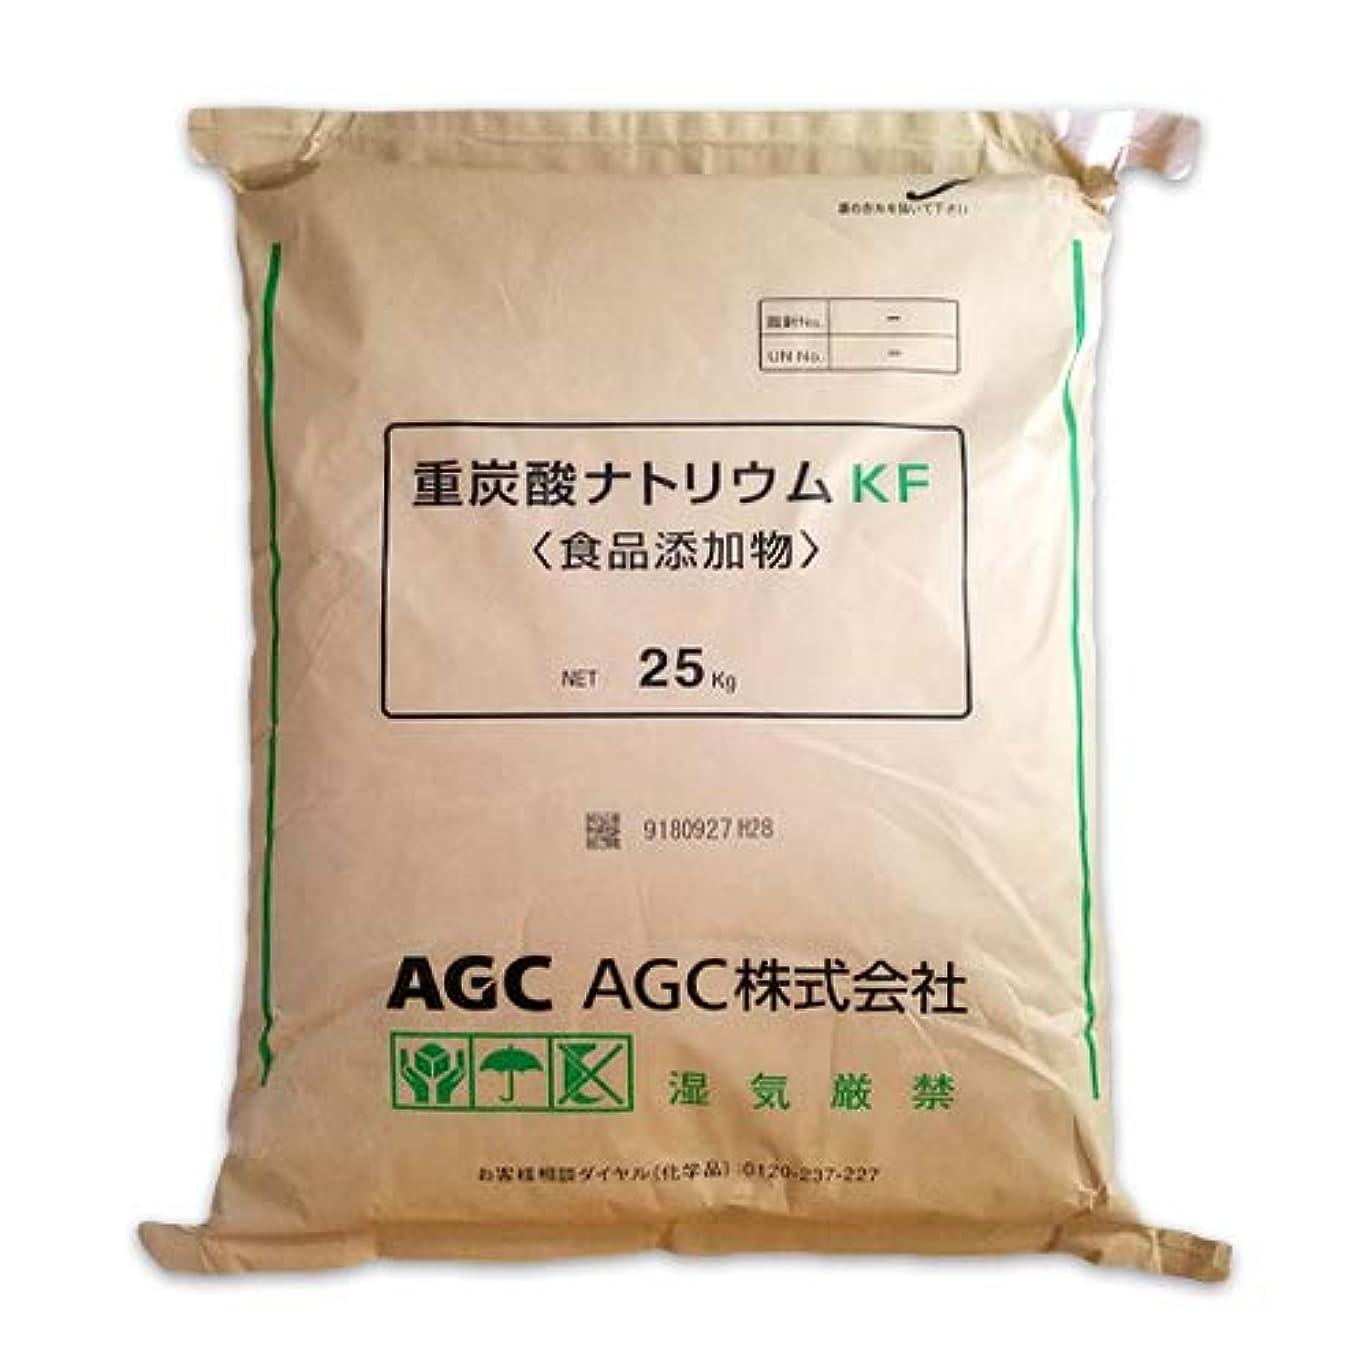 解読するシェルター幅AGC製 重曹 25kg [02] 【同梱不可】炭酸水素ナトリウム 食品添加物(食品用)国産重曹 NICHIGA(ニチガ)